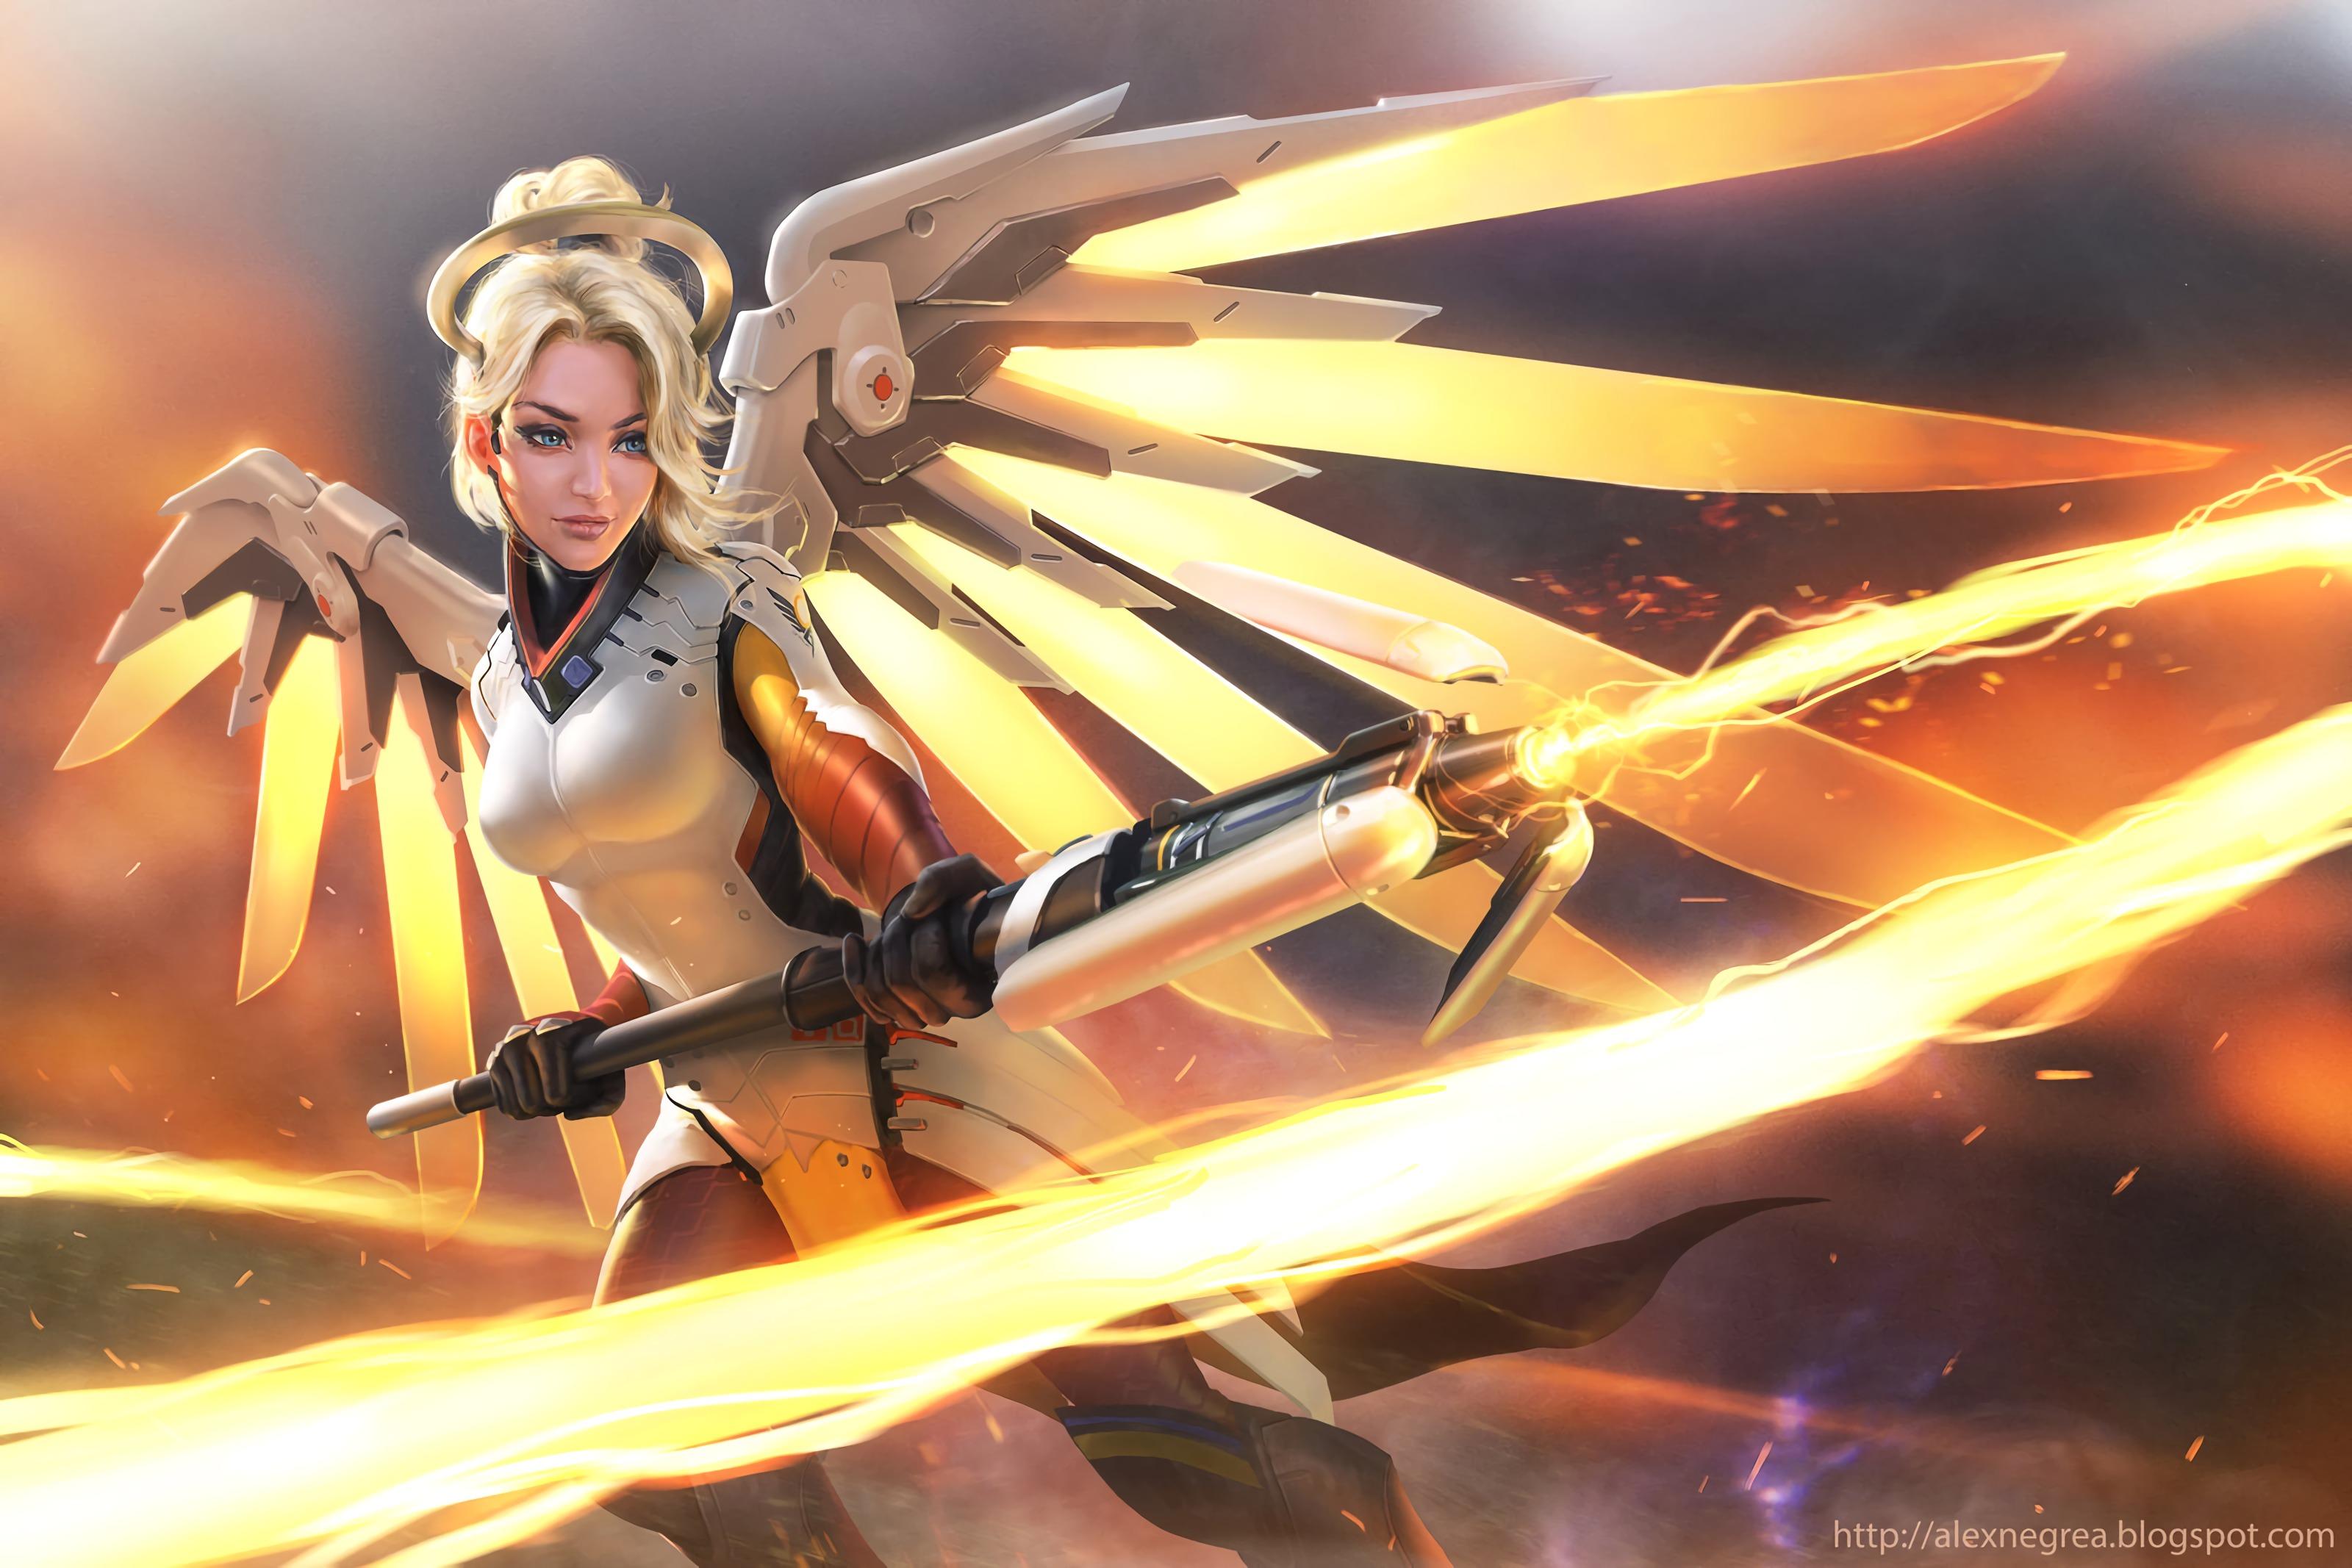 Overwatch: Mercy